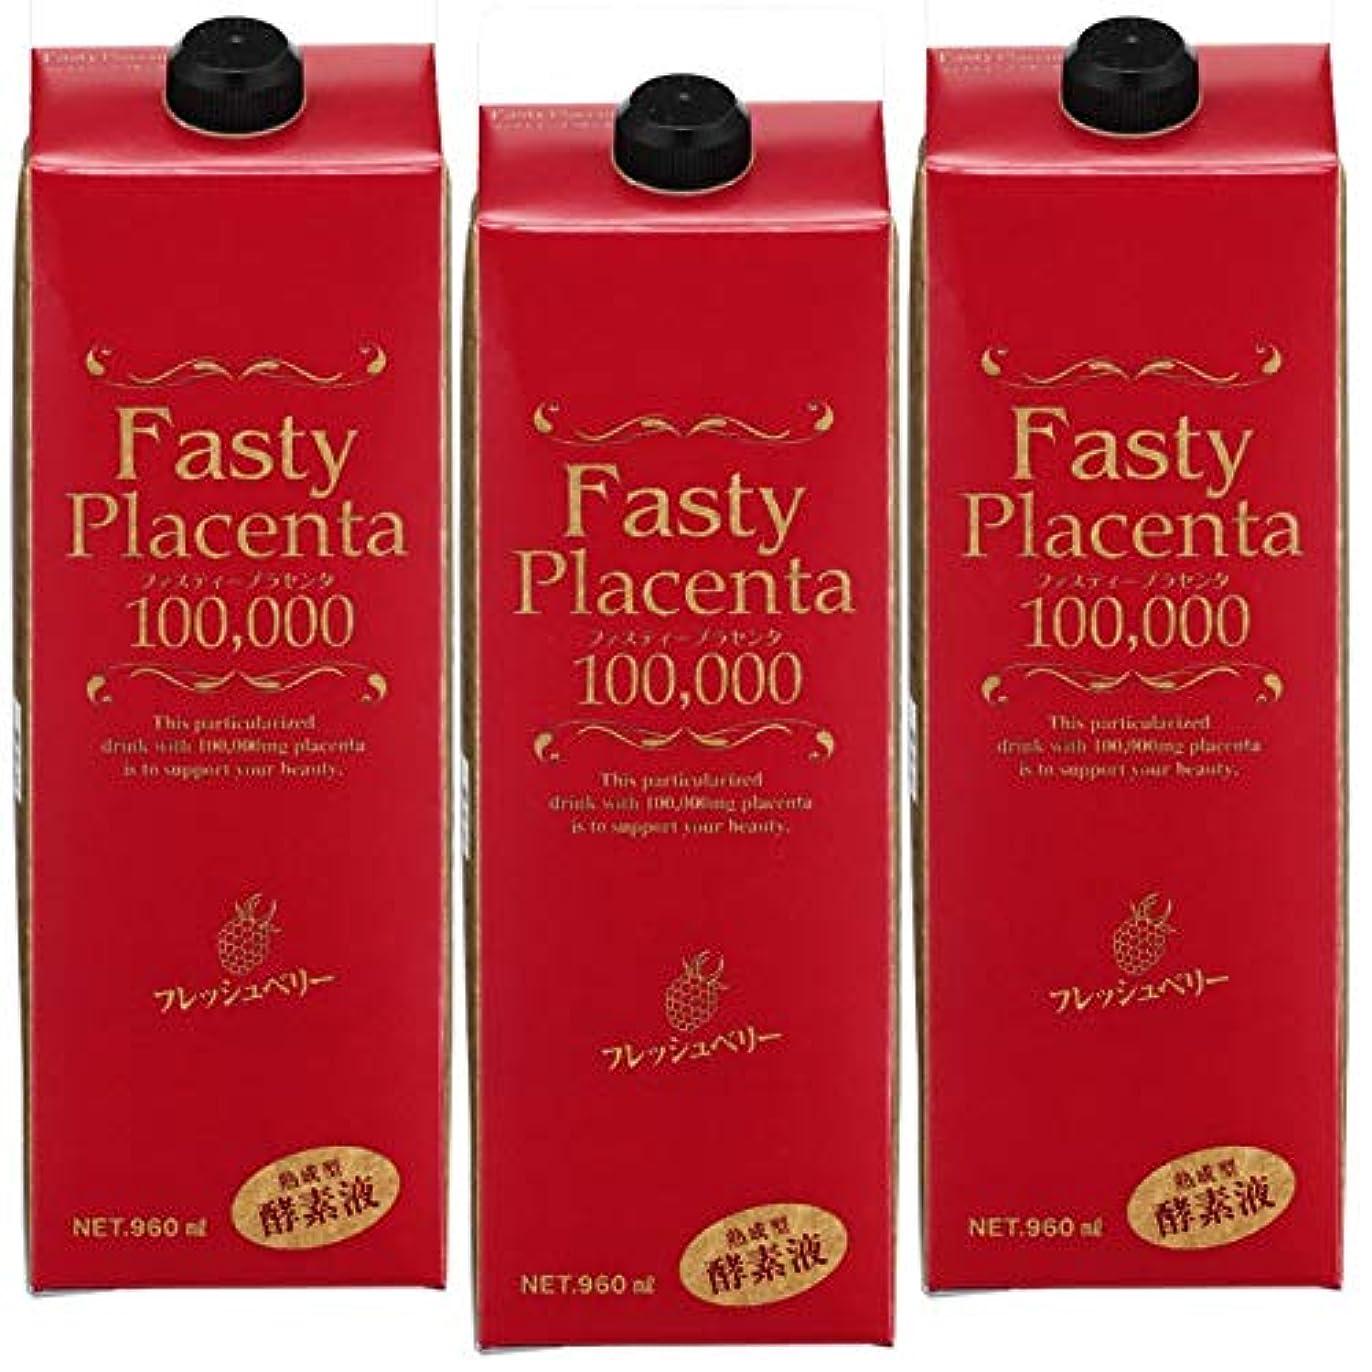 厳動的水没ファスティープラセンタ100,000 増量パック(フレッシュベリー味)3個